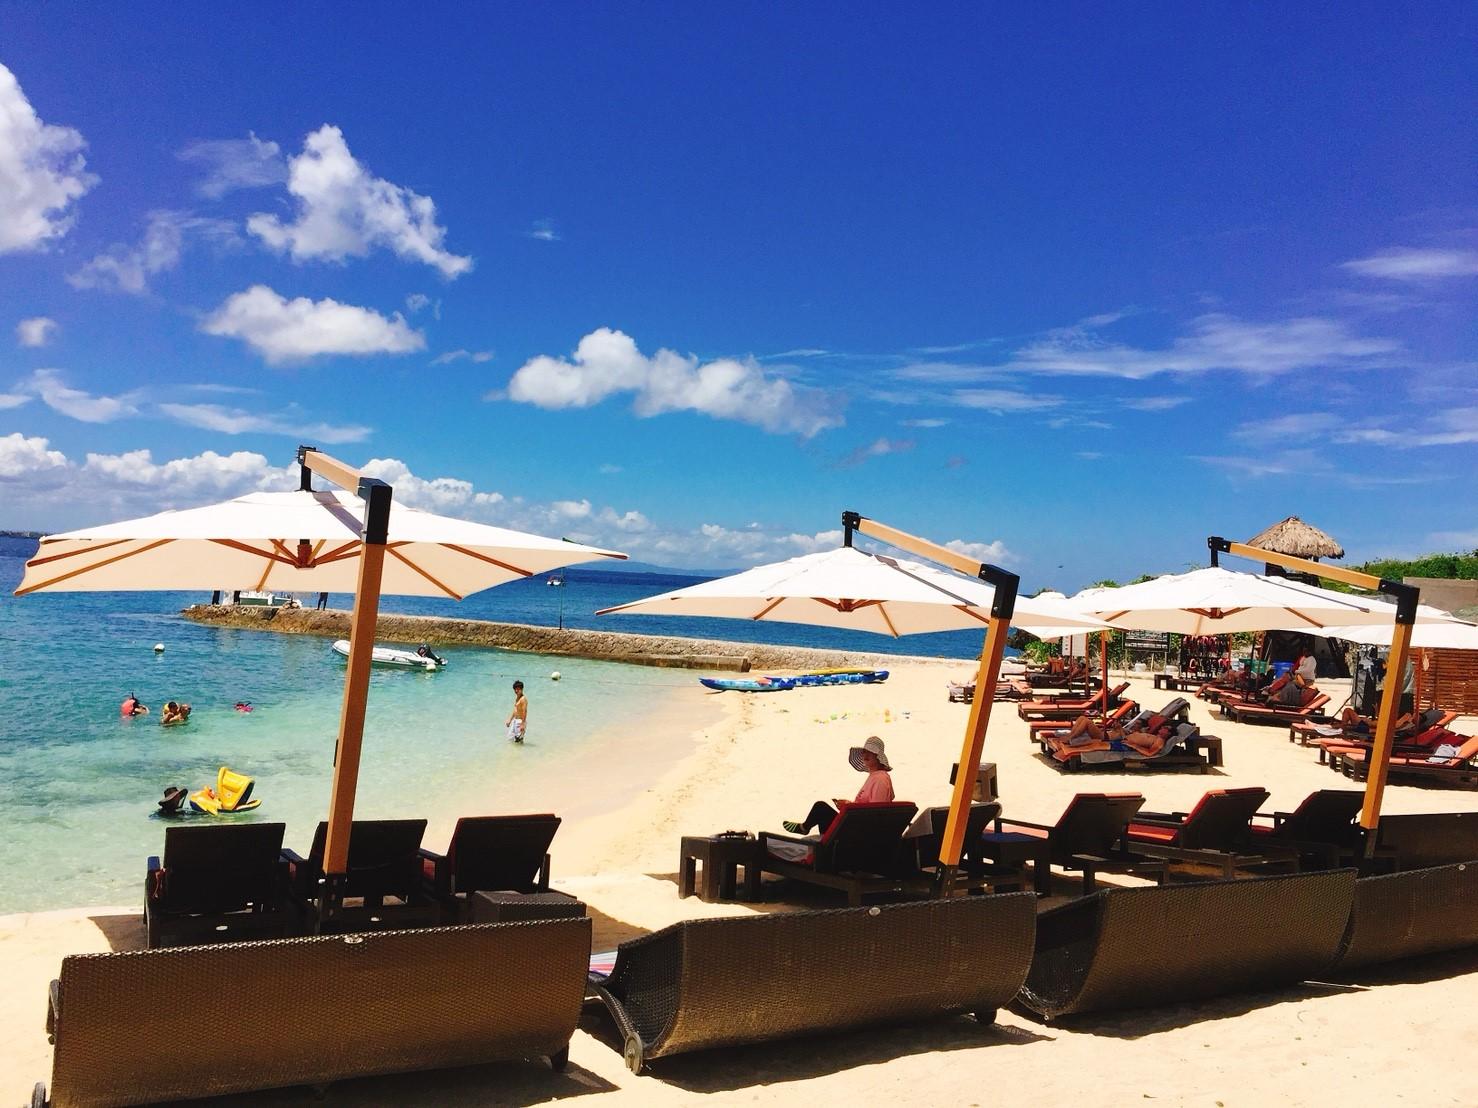 5つ星ホテル「Crimson Resort and Spa Mactan」のメンバーシップのご紹介!